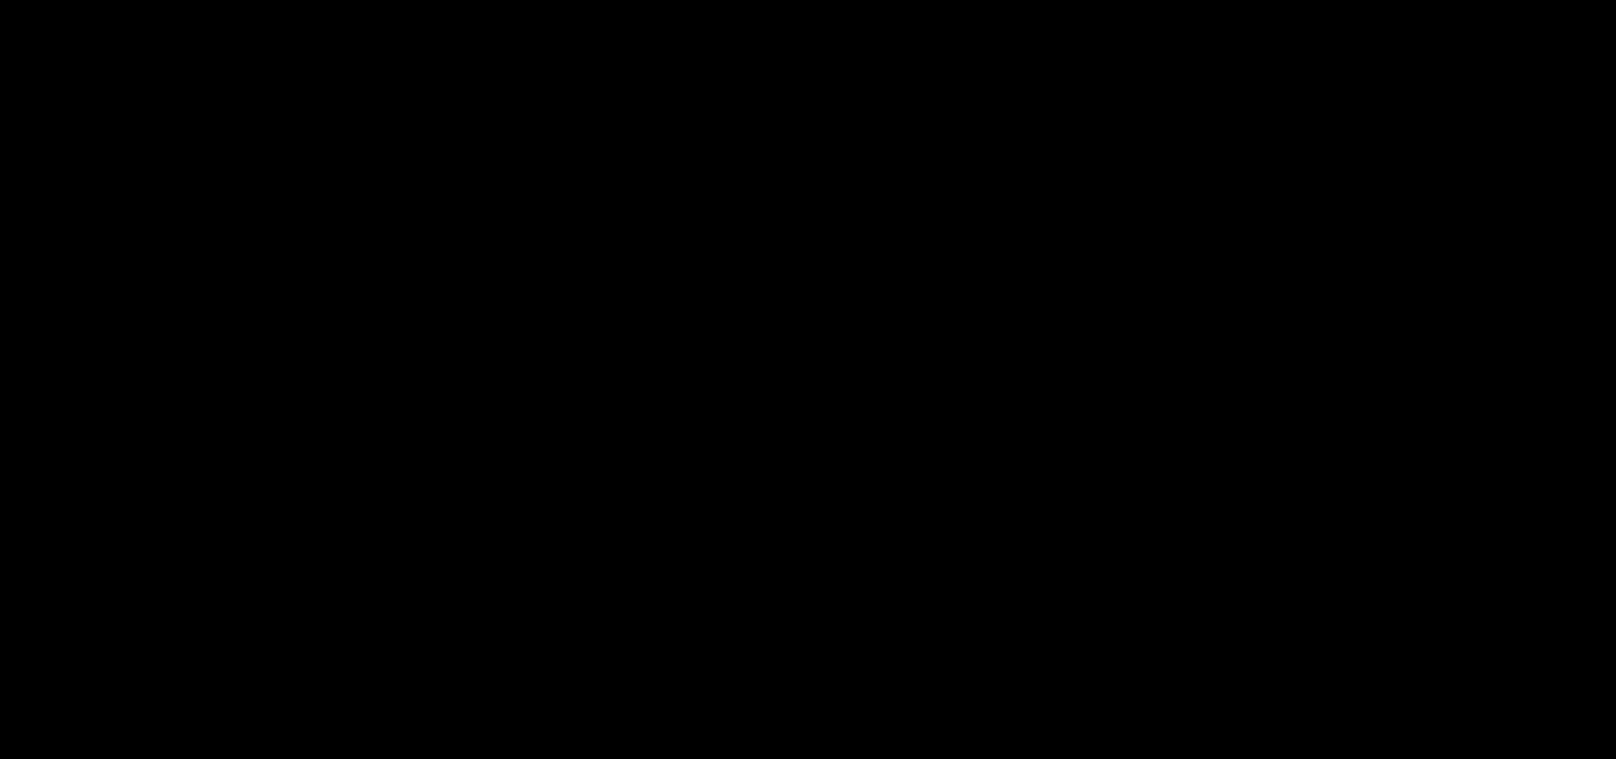 NAN-190 hydrobromide